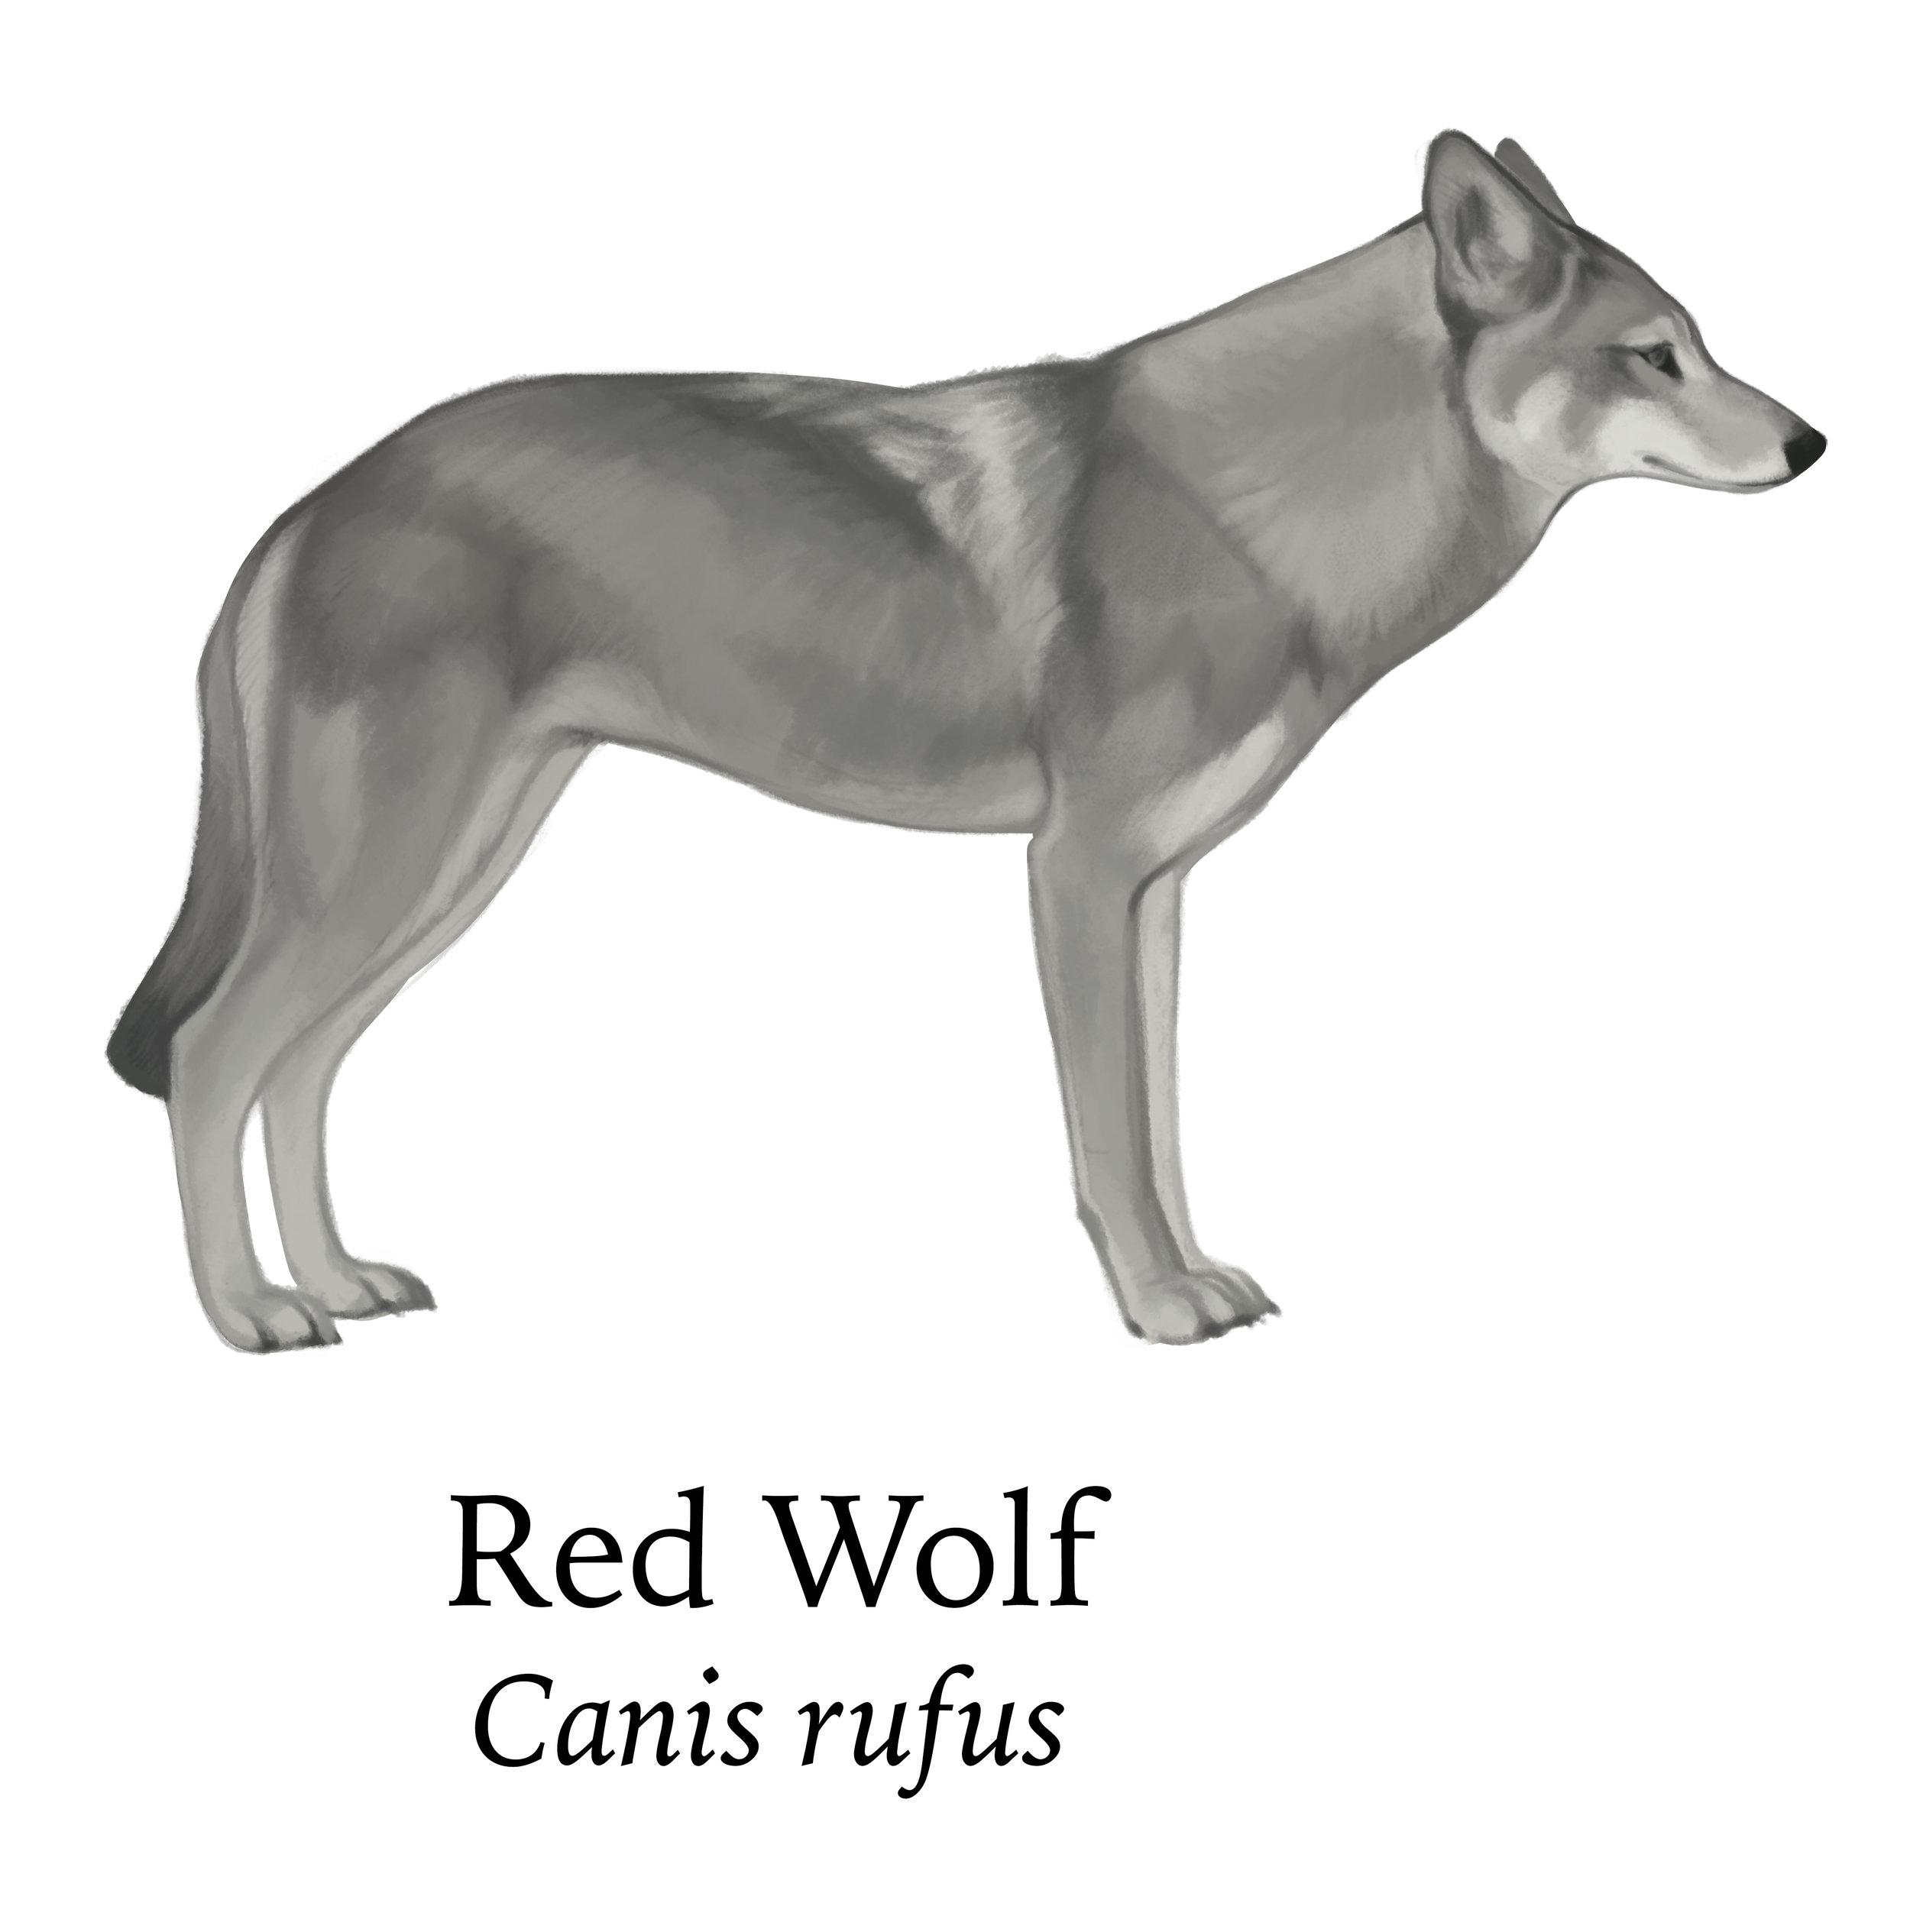 Crop_redwolf.jpg